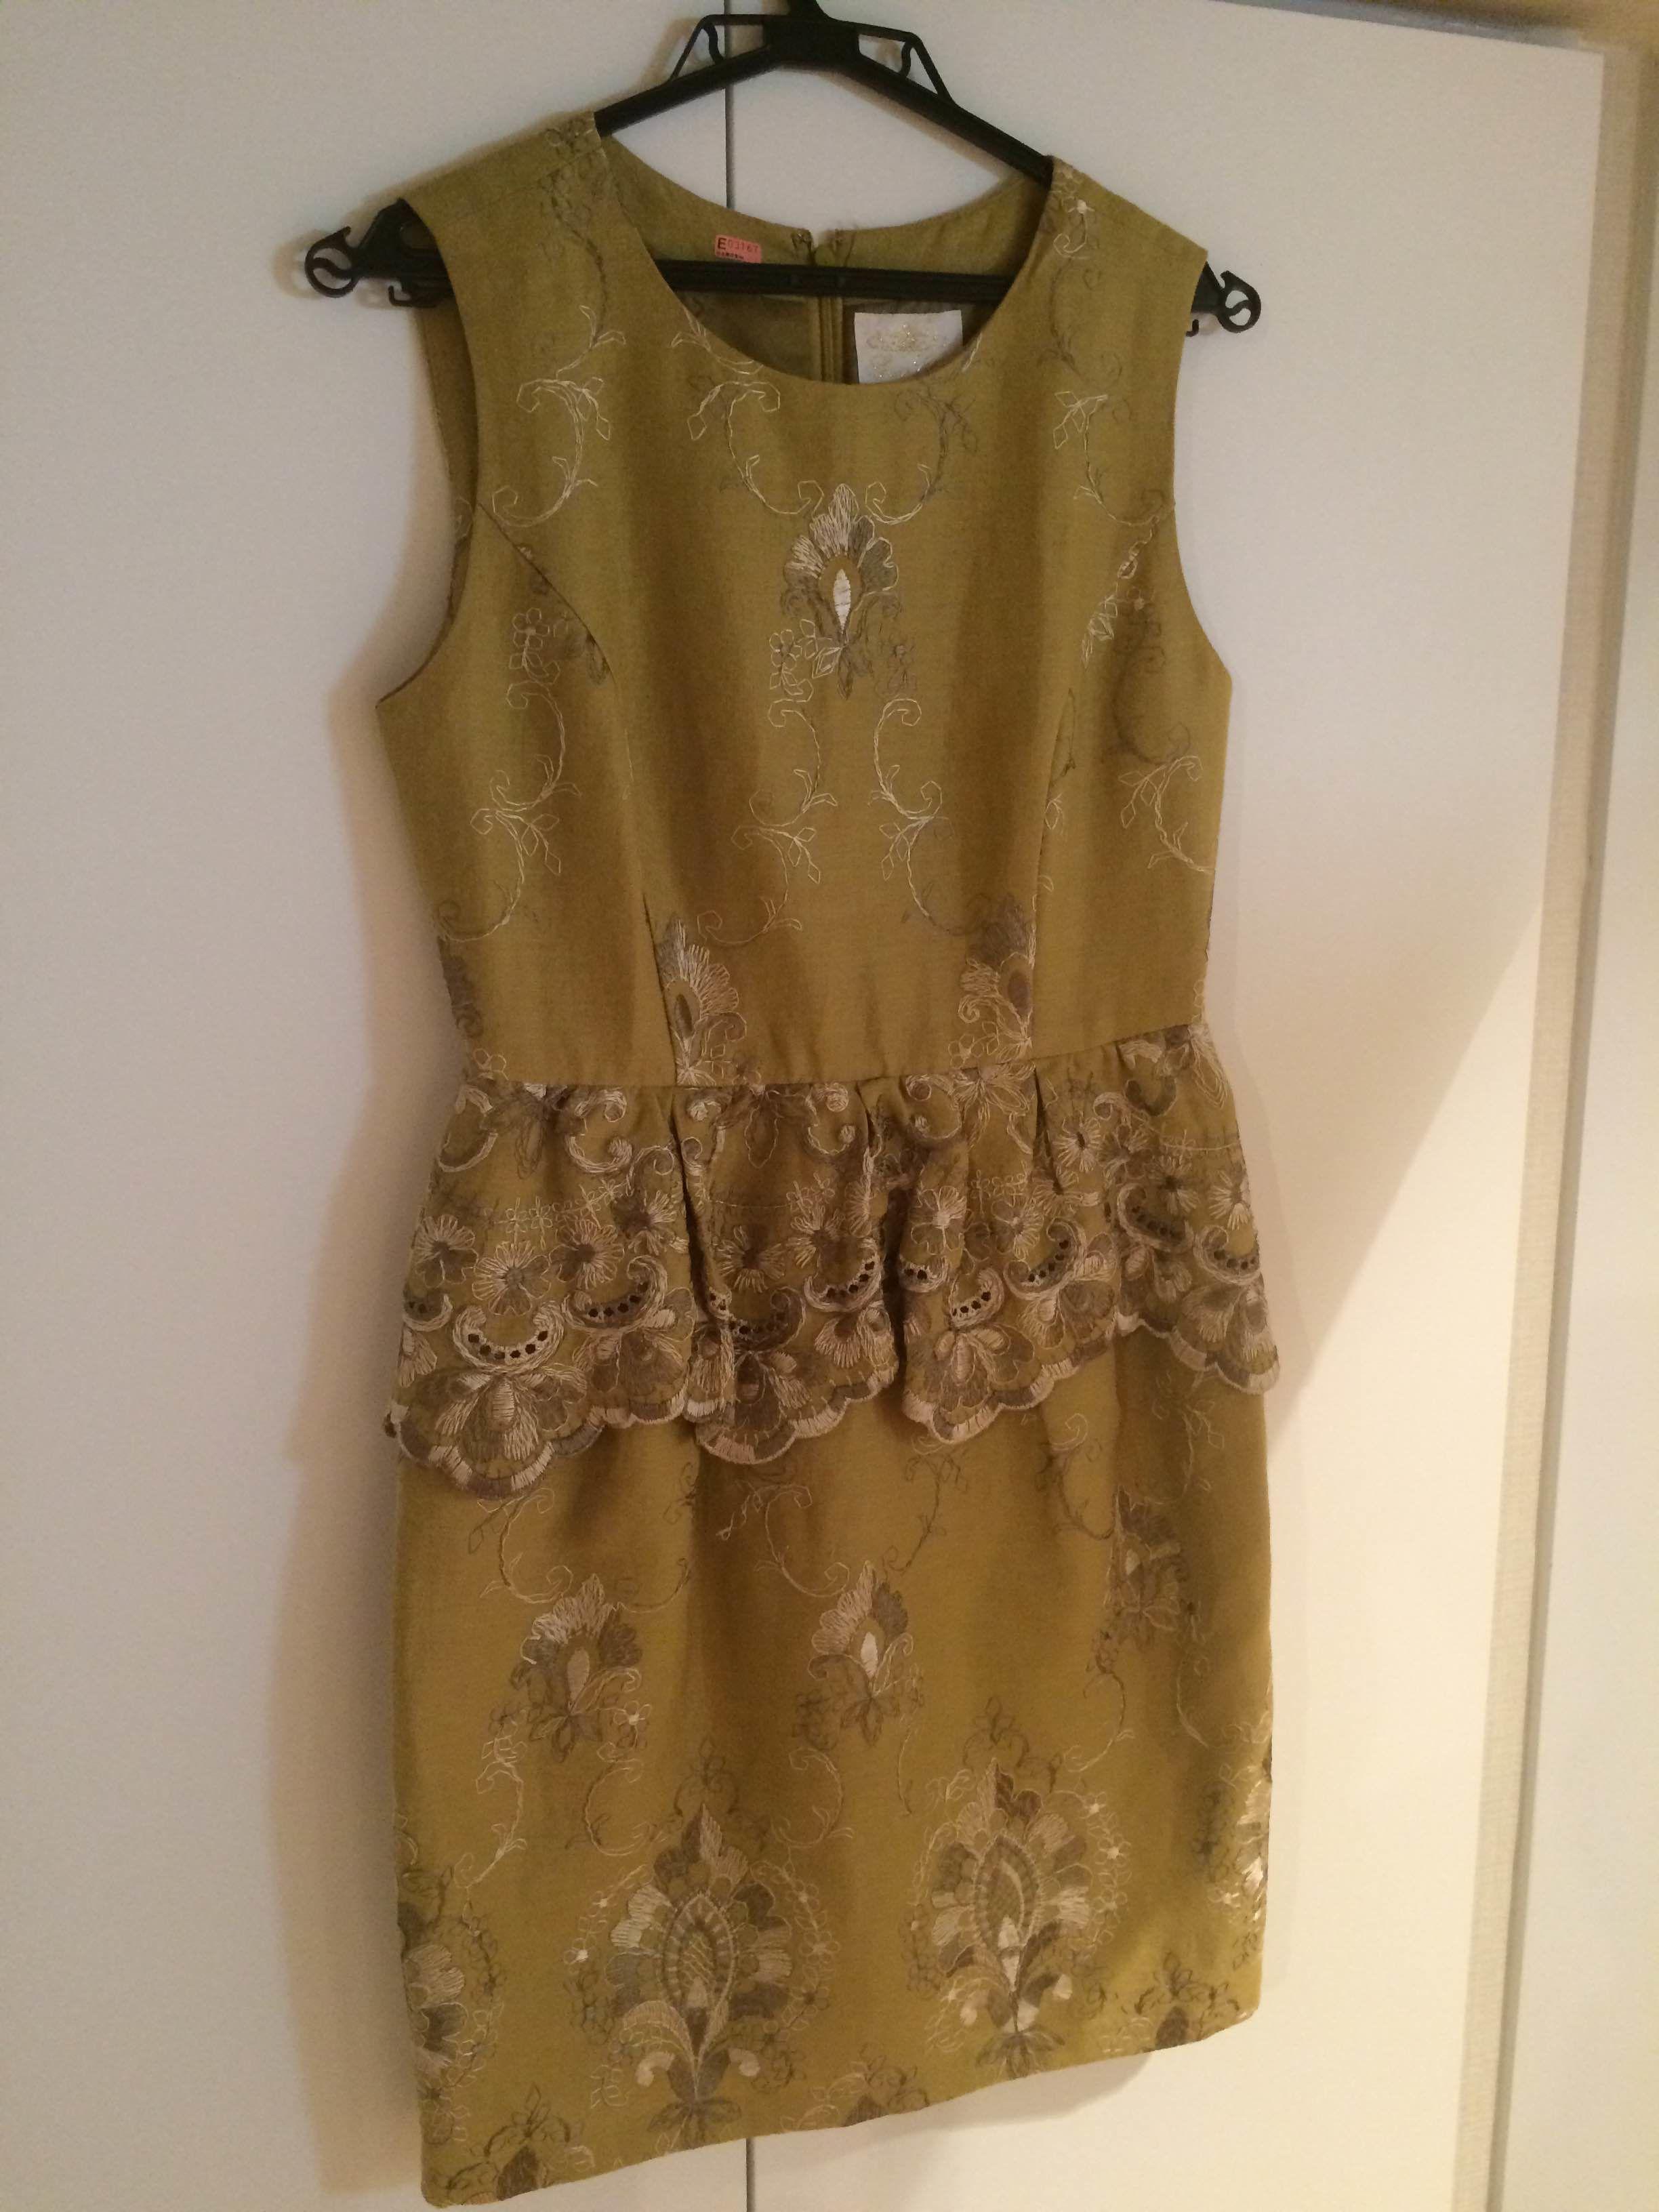 GRACE CONTINENTAL (グレースコンチネンタル) ゴージャス刺繍ドレス